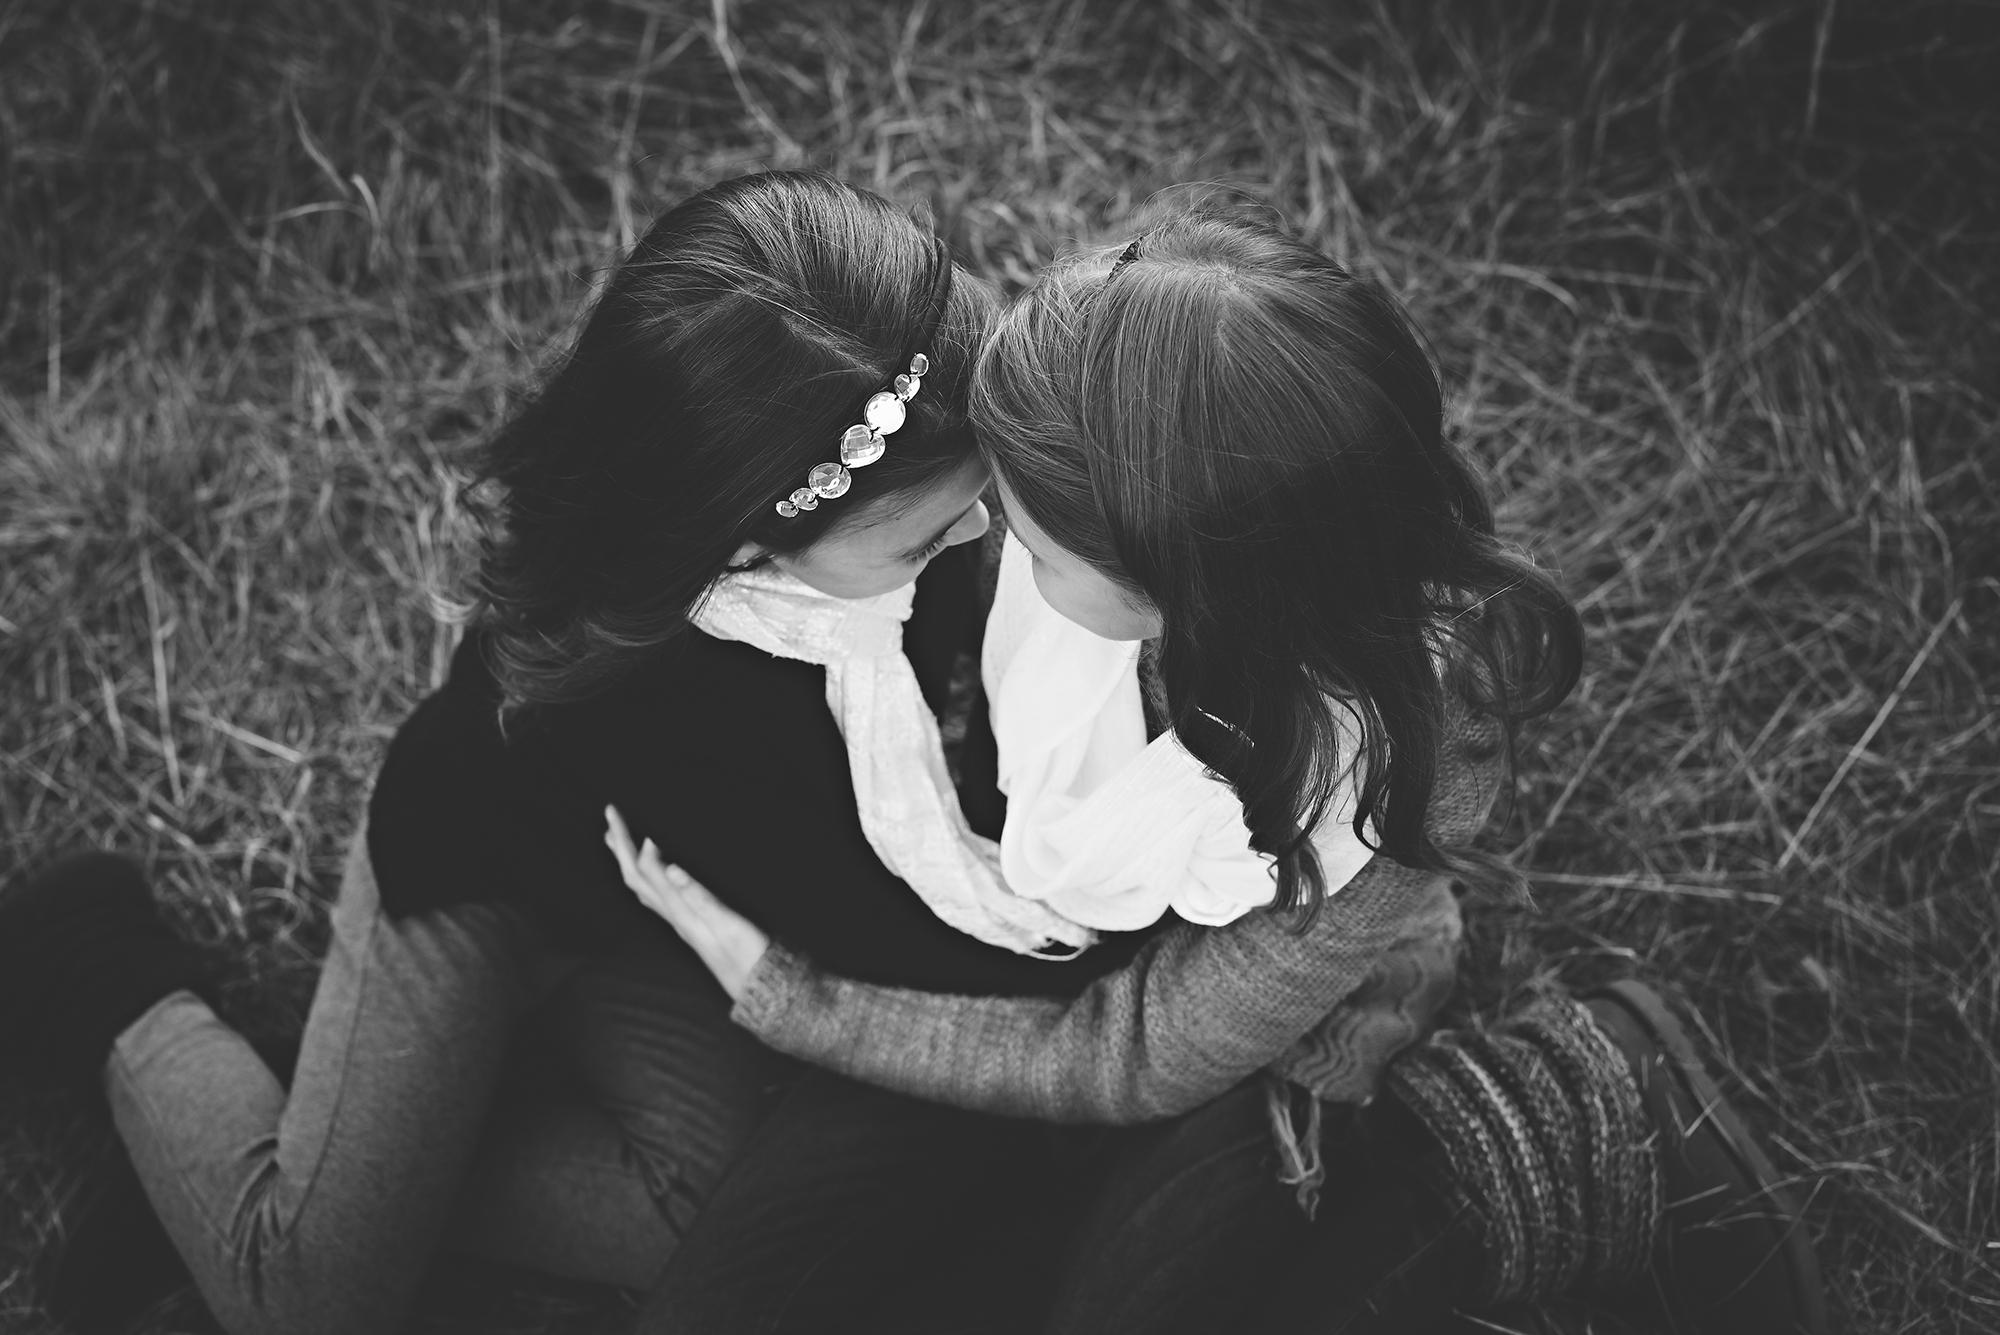 Riemersma Girls 2016-25FD.jpg